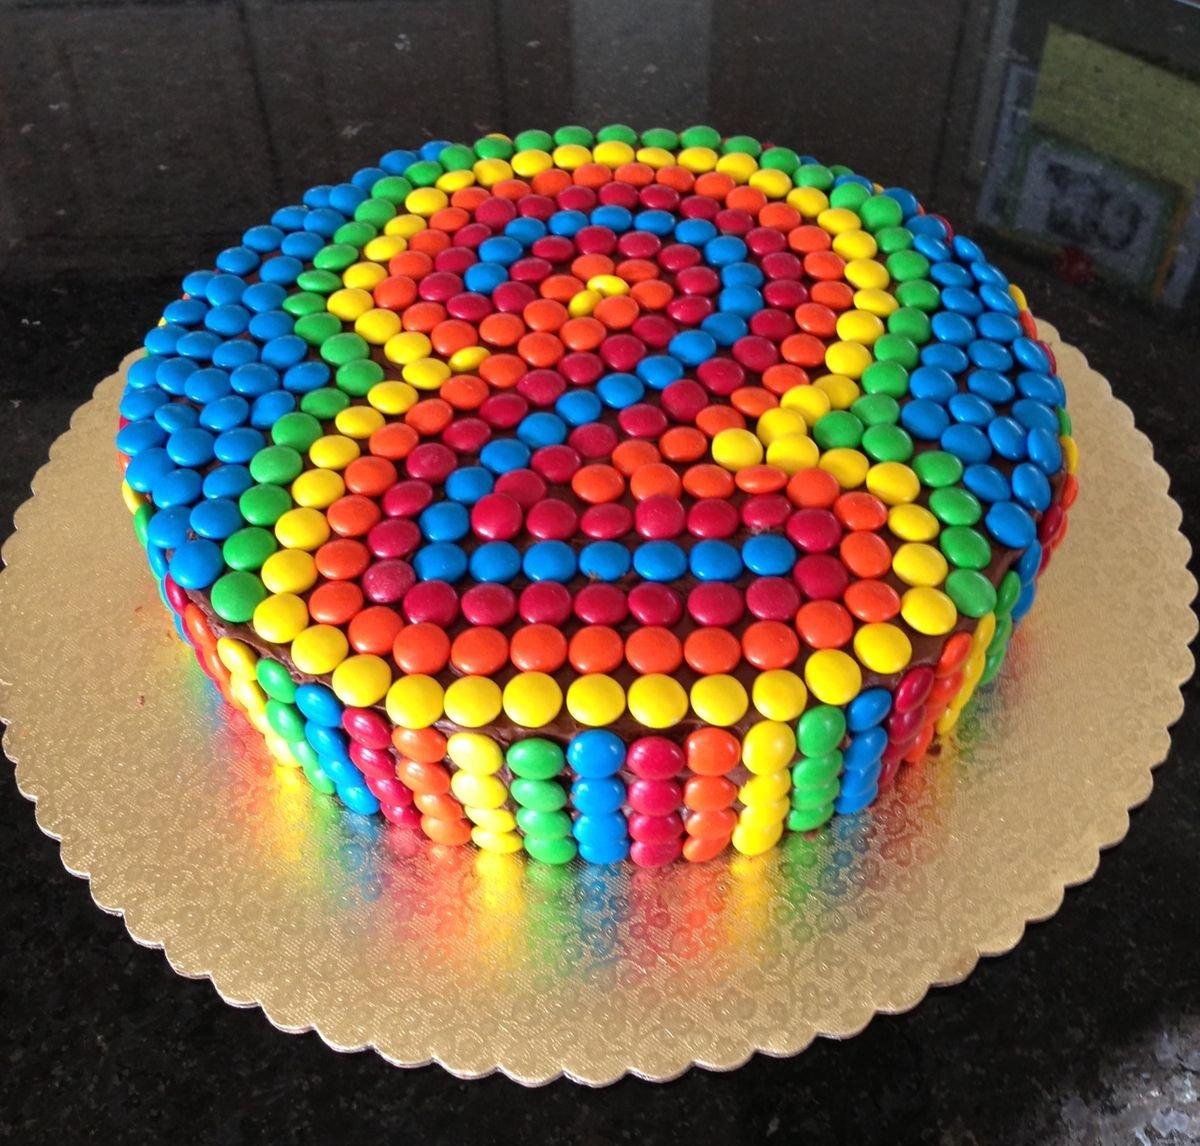 Чем можно украсить торт для ребенка в домашних условиях